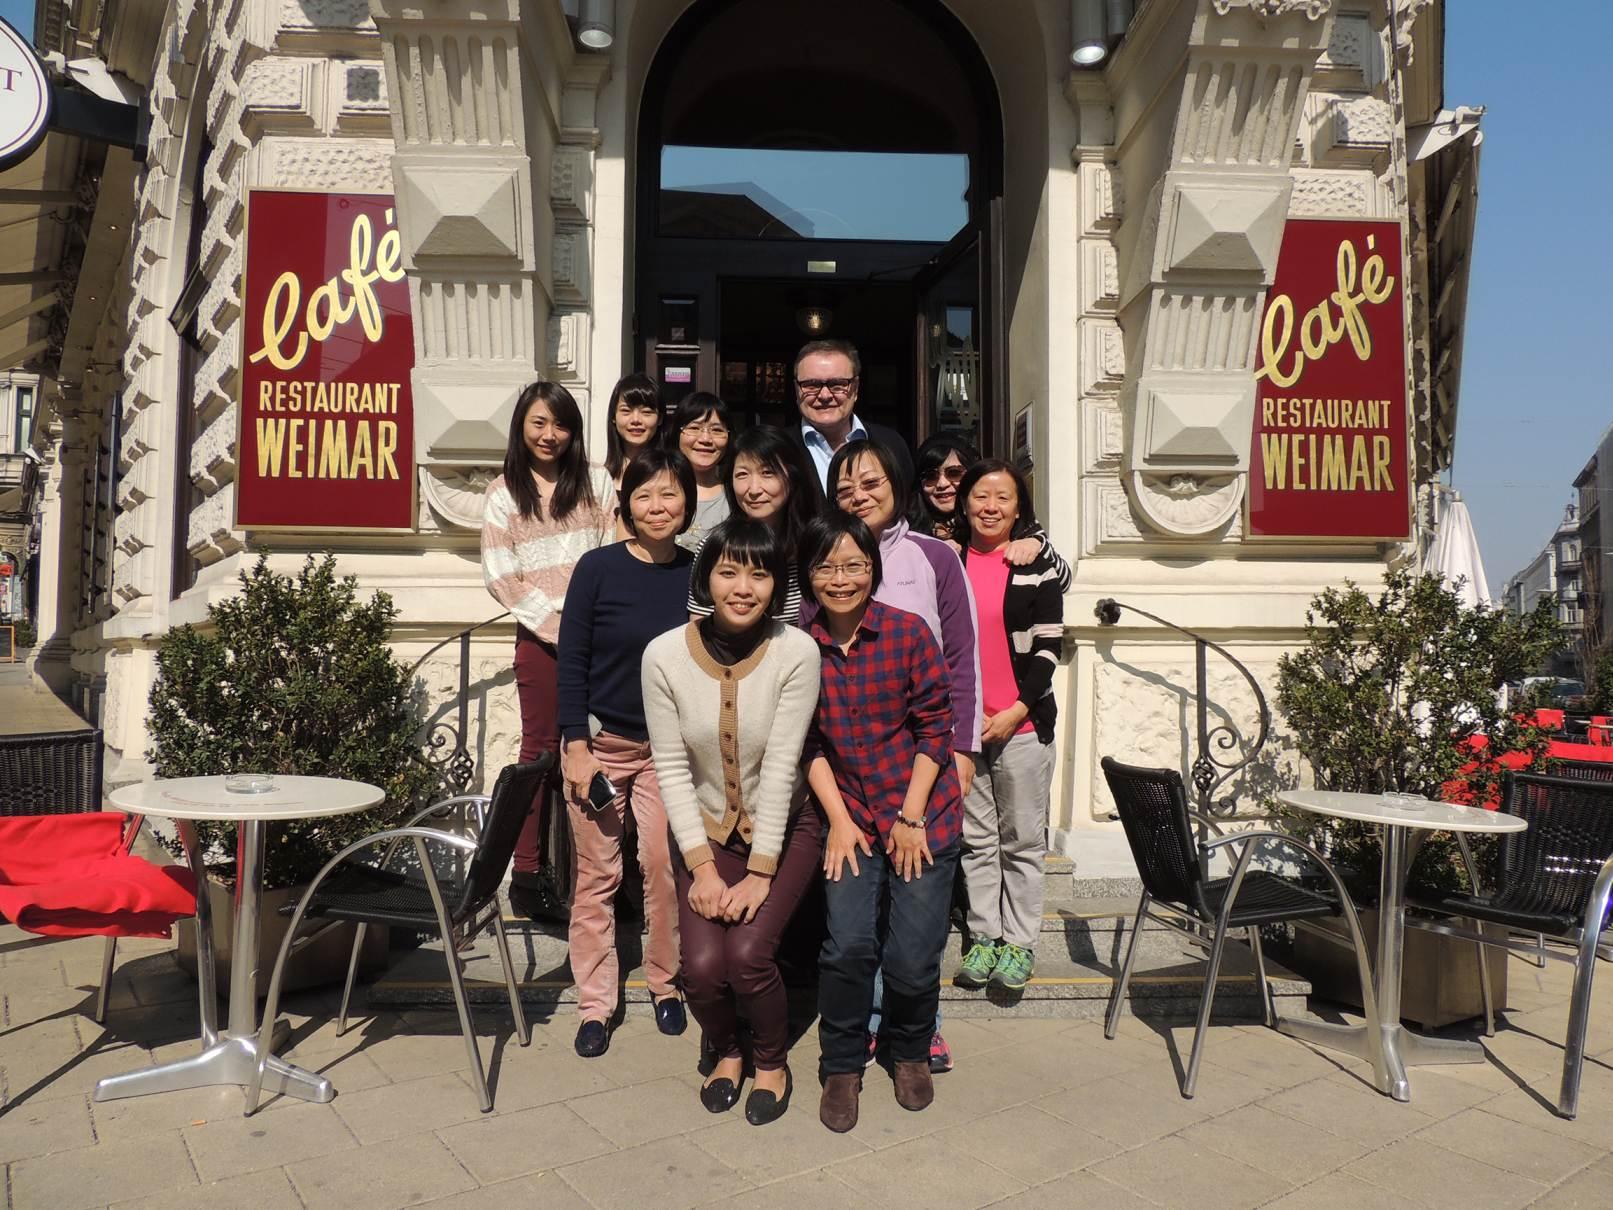 Die Teilnehmerinnengruppe aus Taiwan mit Fr. Chef-Dipl.-Somm. Cheng beim Besuch eines traditionellen Wr. Kaffeehauses. Herr Komm.Rat Maximilian K. Platzer als Chef des Café Weimar empfing die Delegation aus TAIWAN.